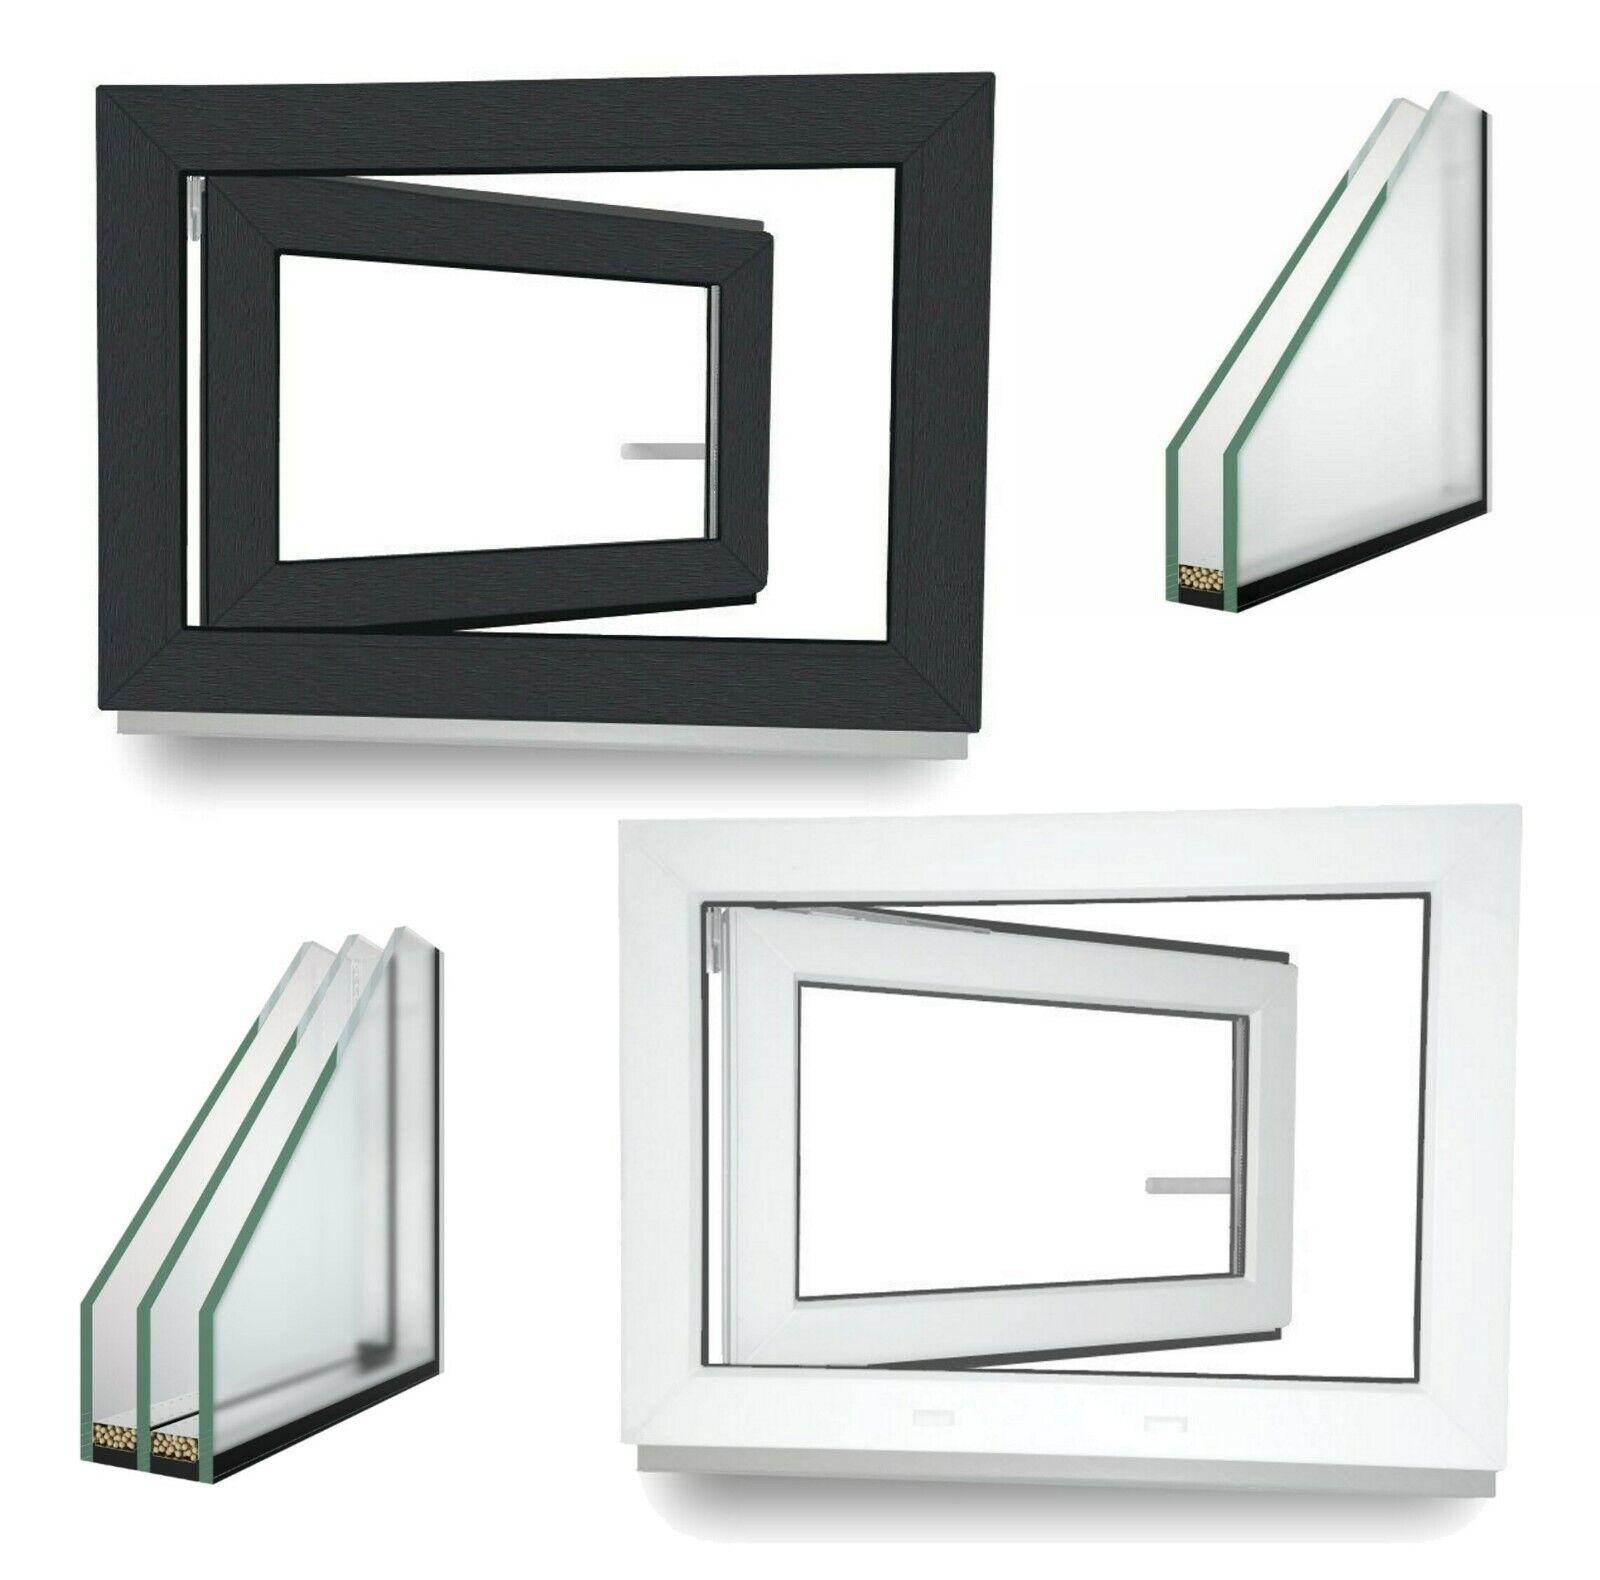 Kellerfenster Kunststoff Fenster Dreh Kipp 2 3 verglast weiß oder Anthrazit